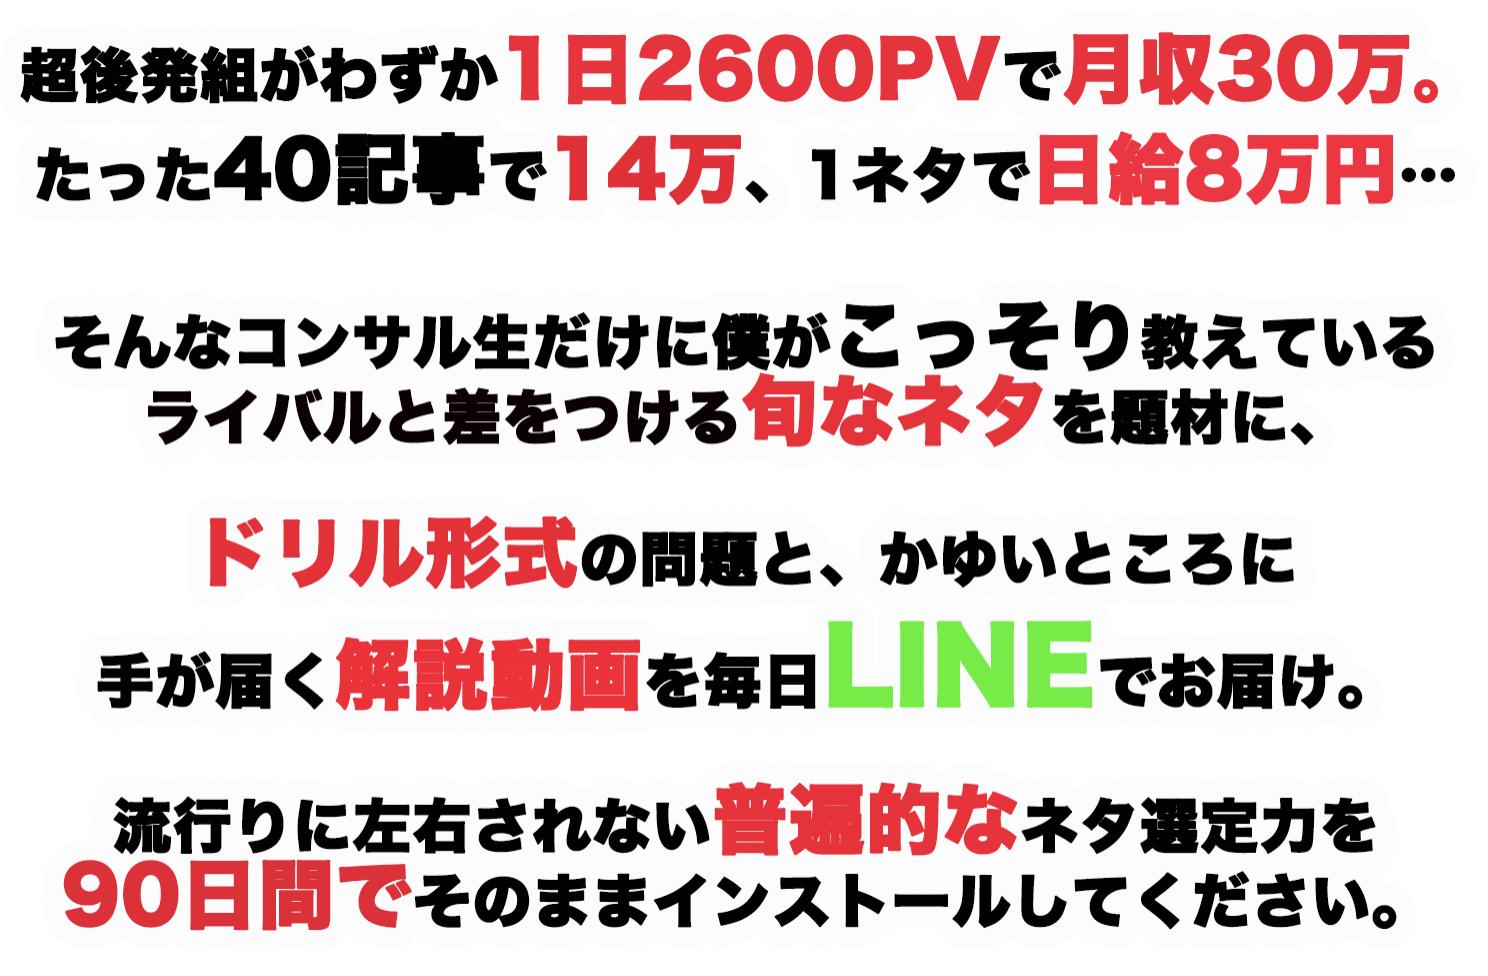 sukusho2018-06-13 17.33.22